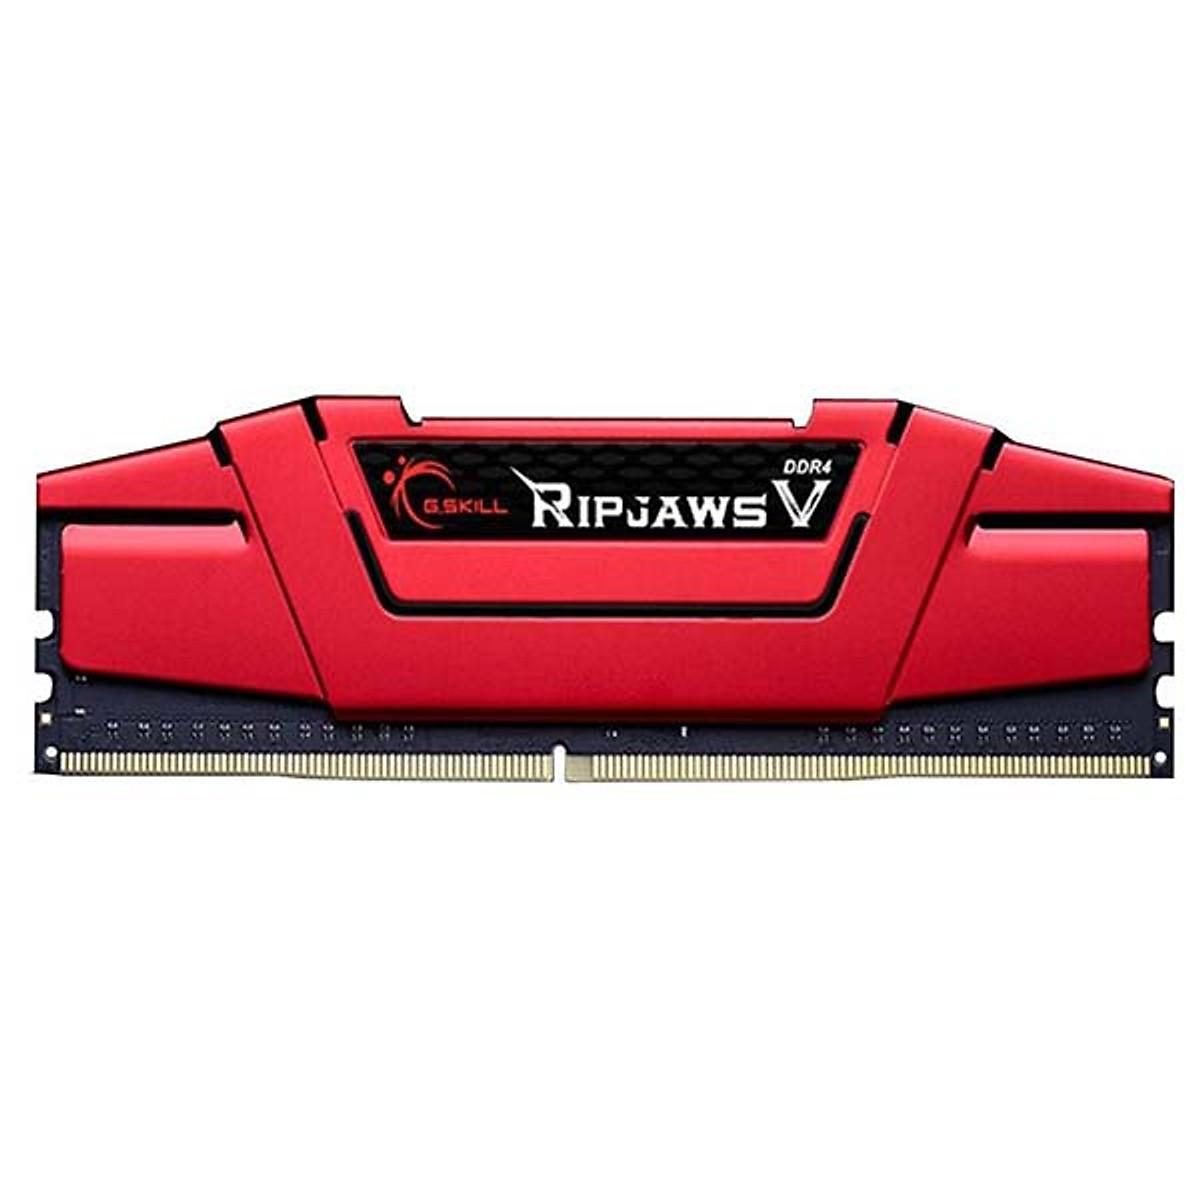 RAM DDR4 G.Skill 8GB (2800) F4-2800C17S-8GVR – Hàng Chính Hãng